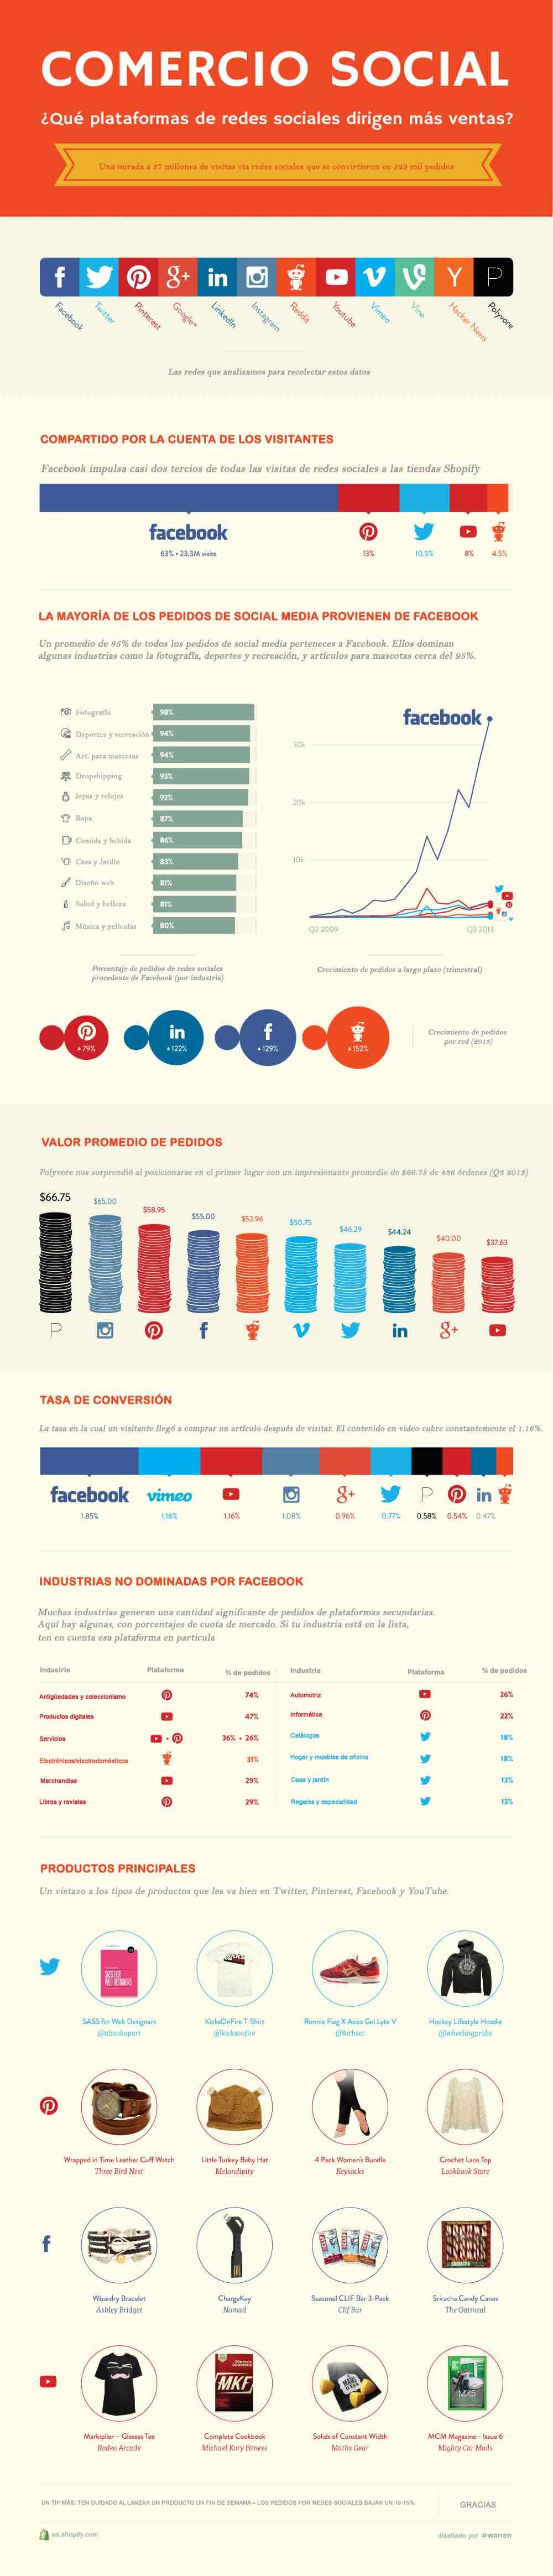 ¿Cuáles redes sociales venden más?